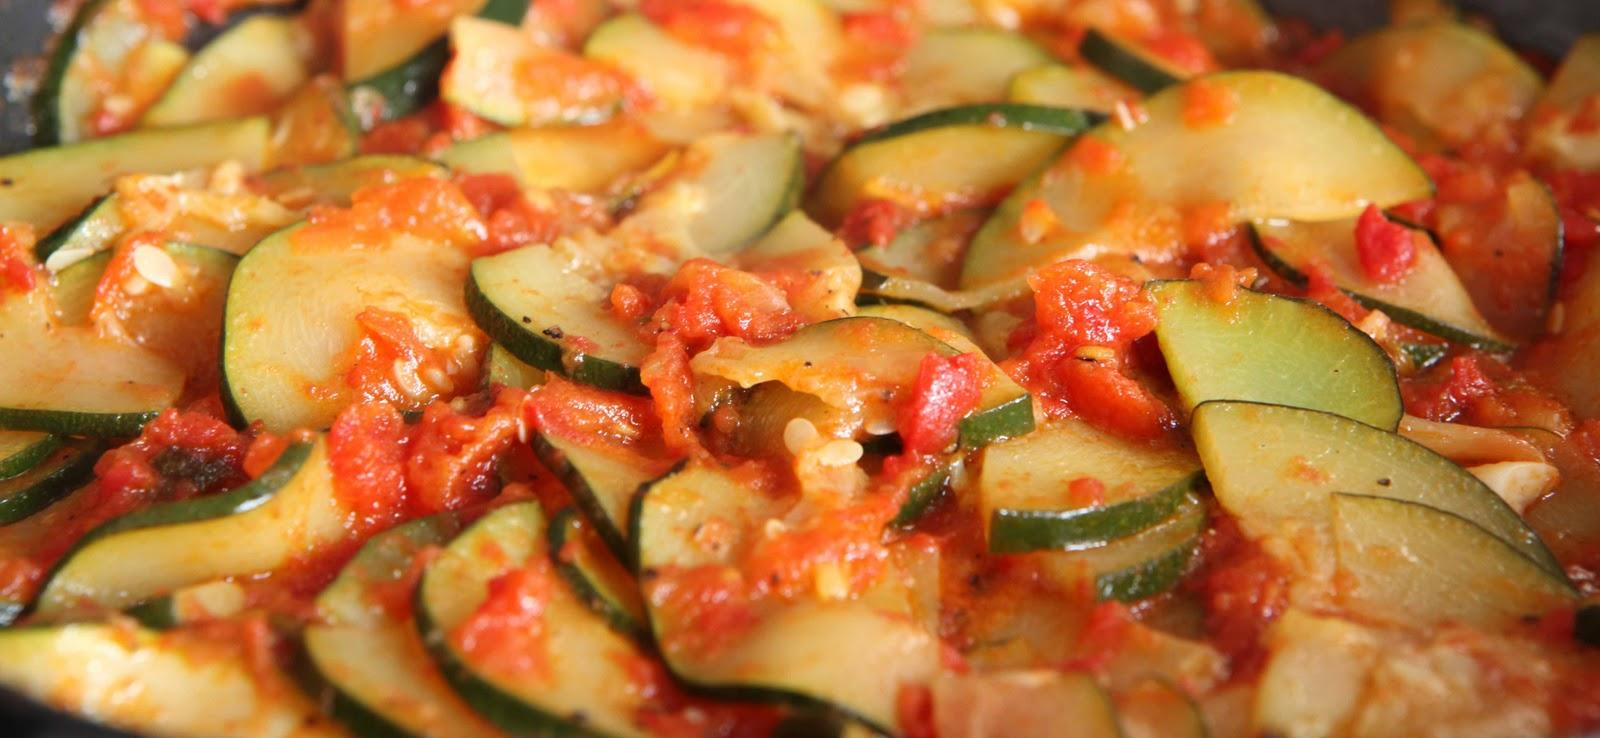 Be frasco - Guarniciones para carne en salsa ...